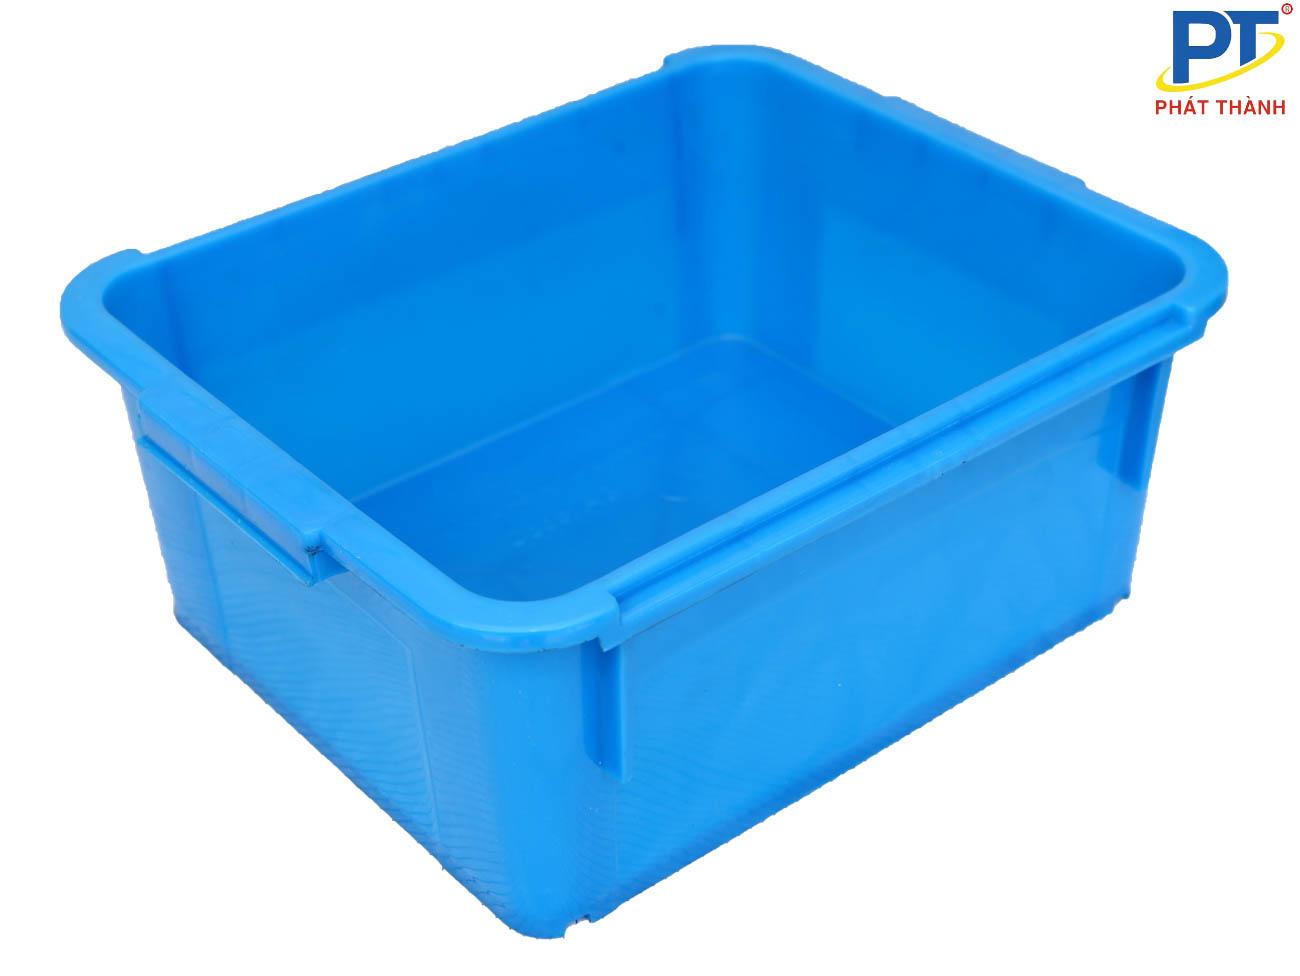 Thùng nhựa đặc do không có lỗ thoáng không khí nên dễ dính vào nhau